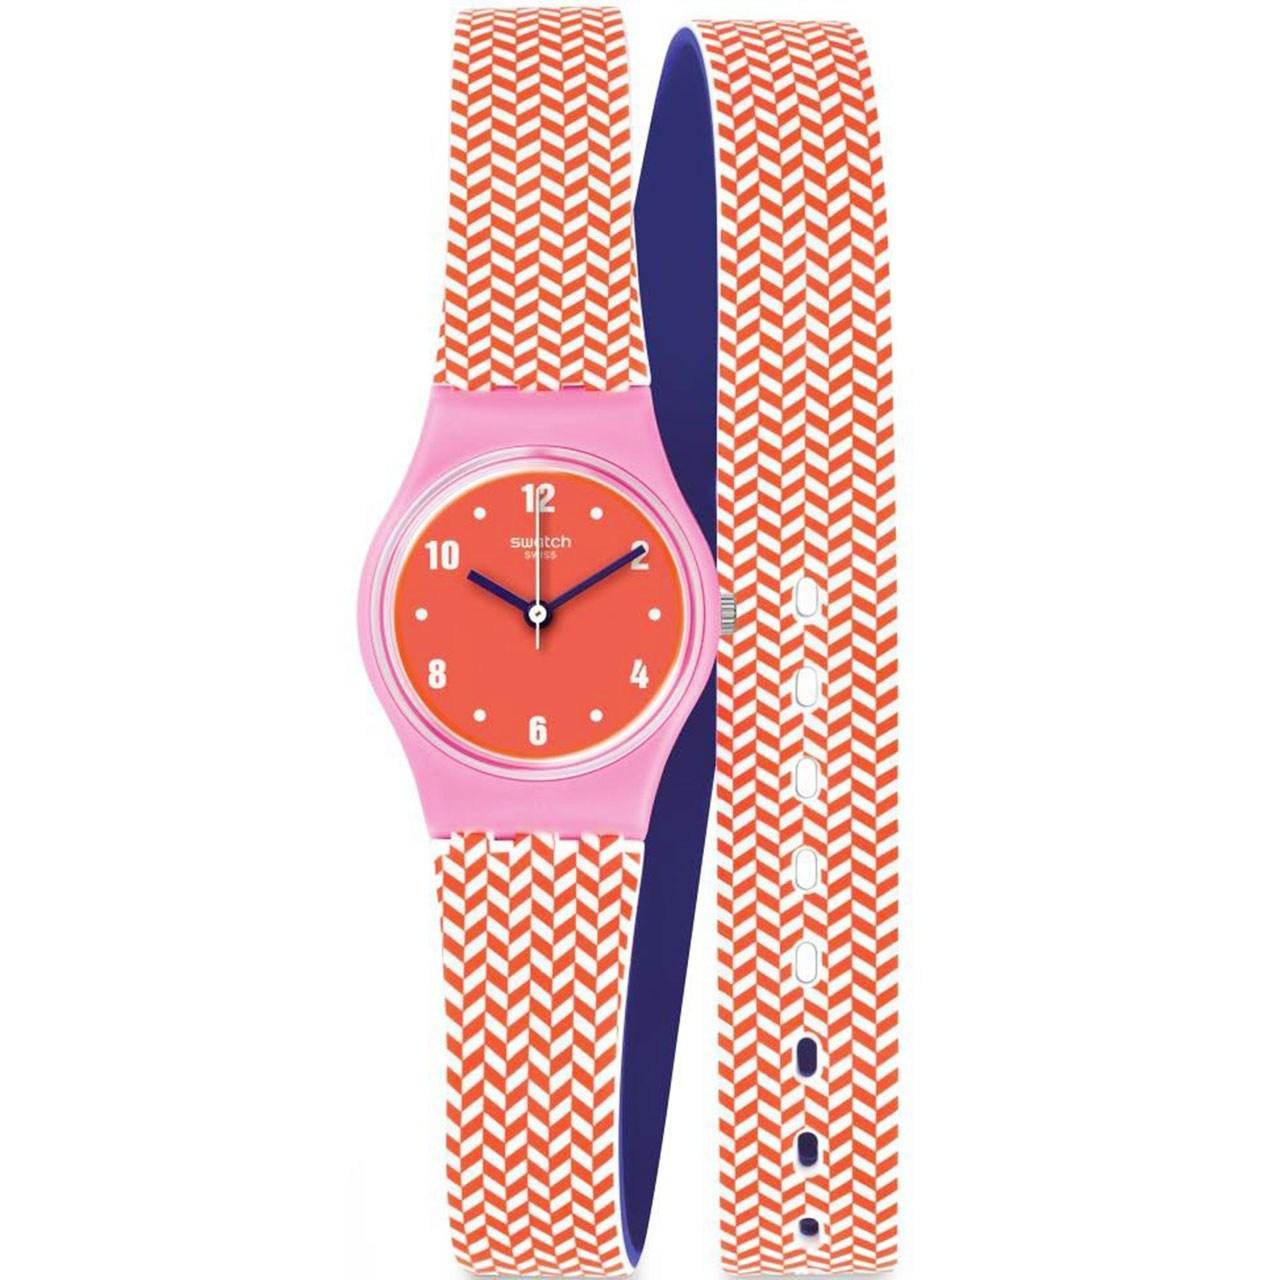 ساعت مچی عقربه ای زنانه سواچ مدل LP141 17